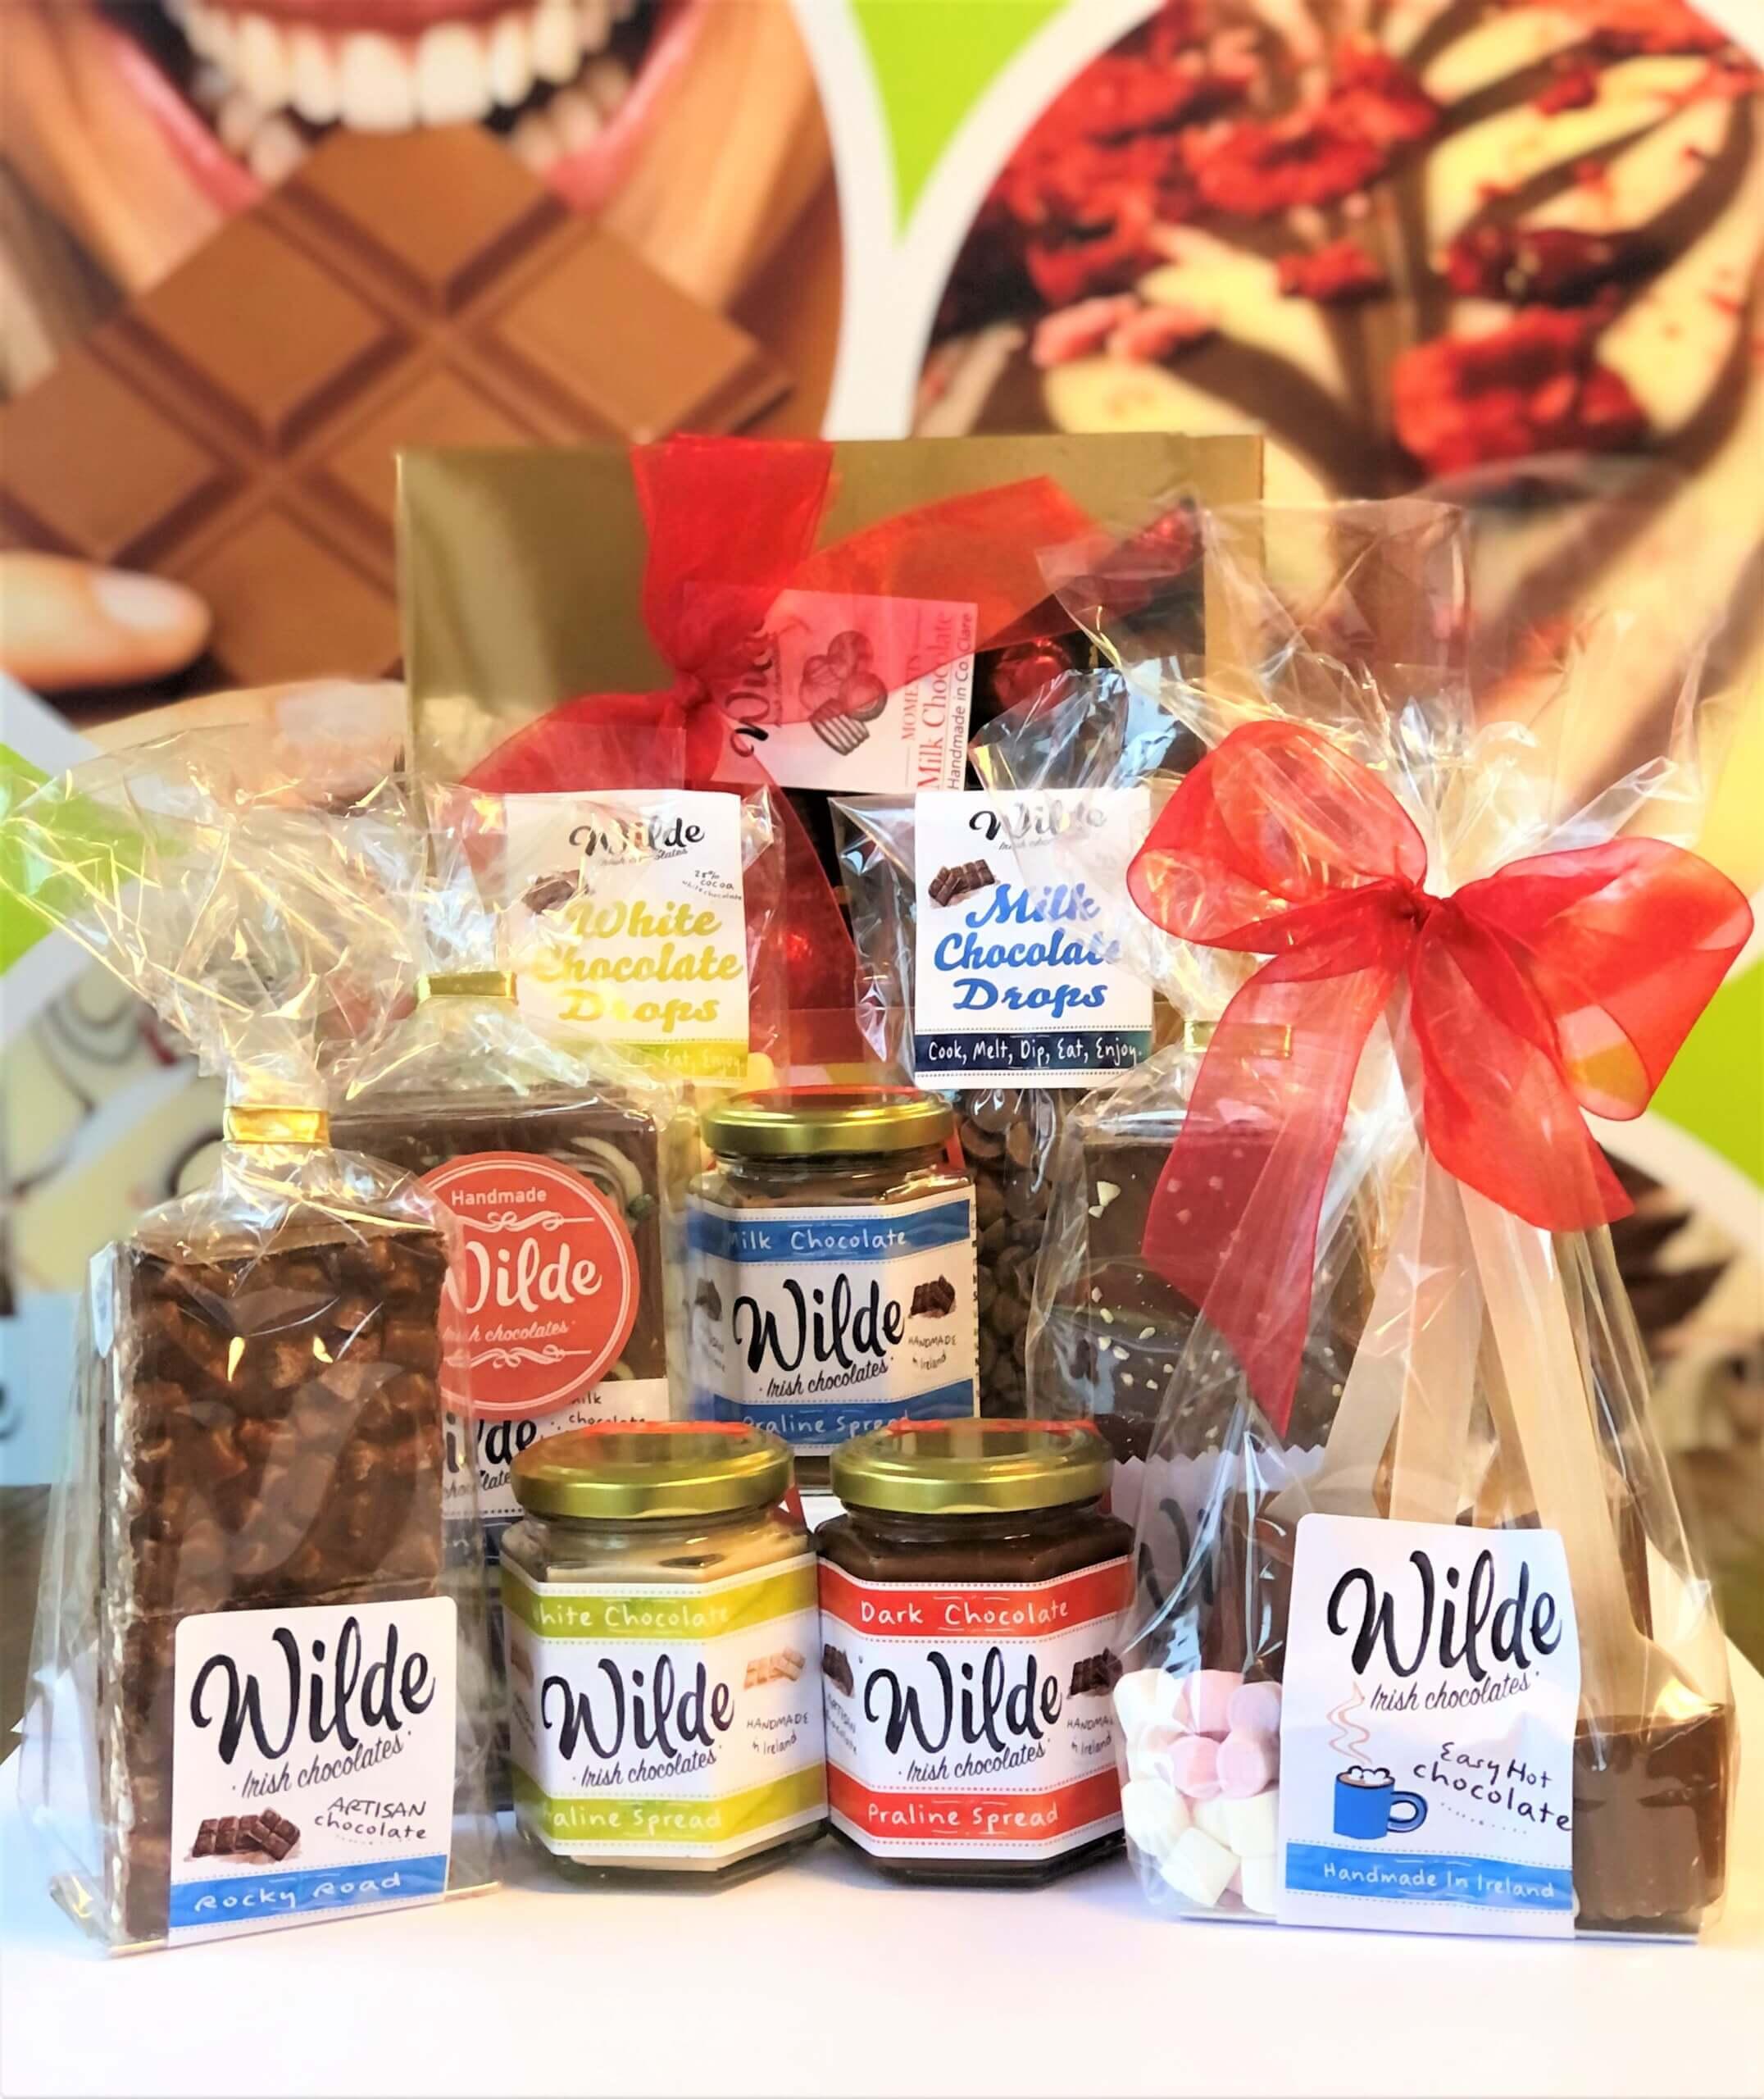 Go Wilde Chocolate Happiness In Box Gift Hamper - Wilde Irish Chocolates